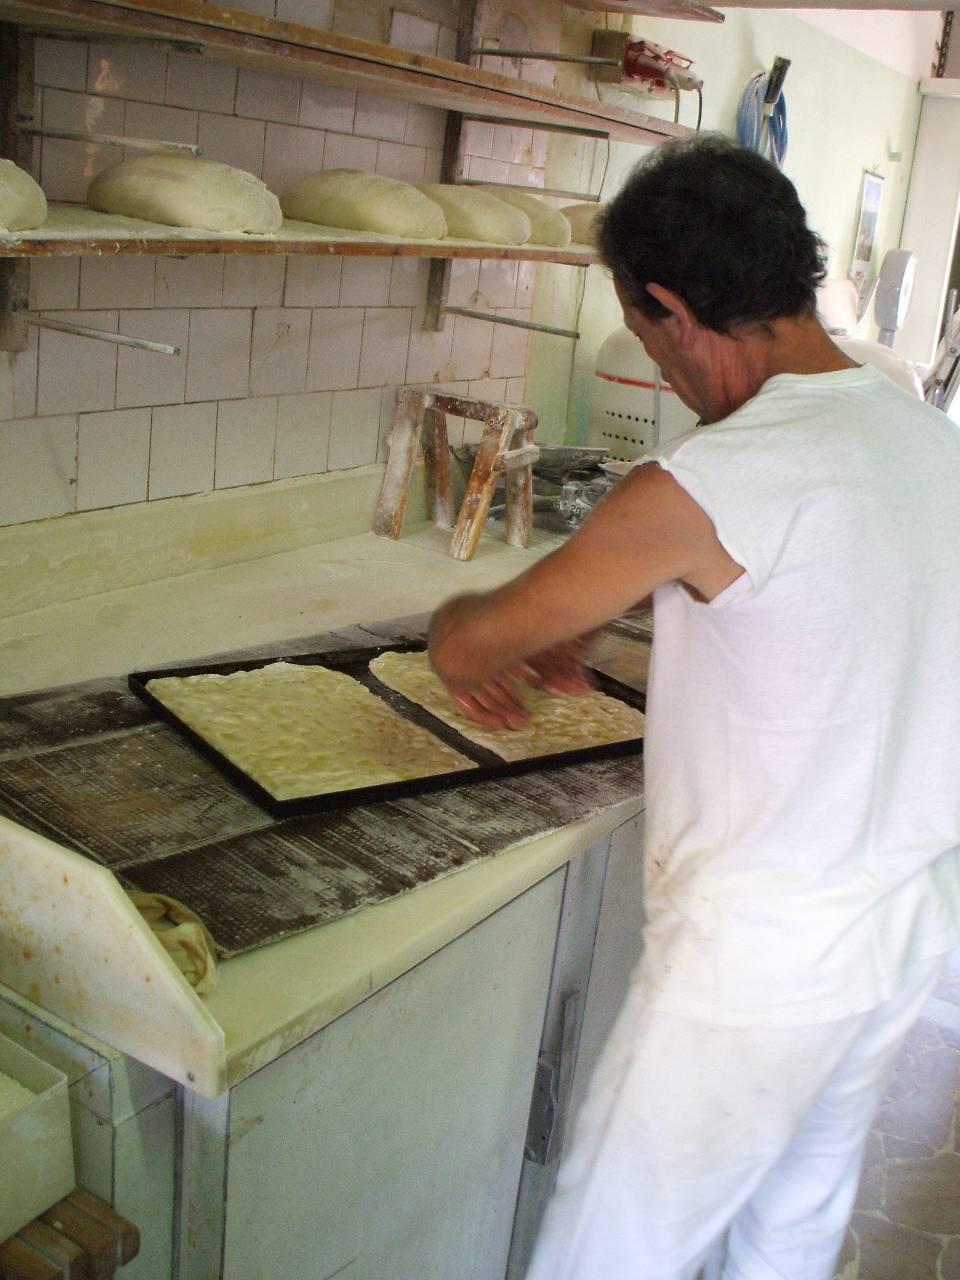 panificio che ritira il pane vecchio